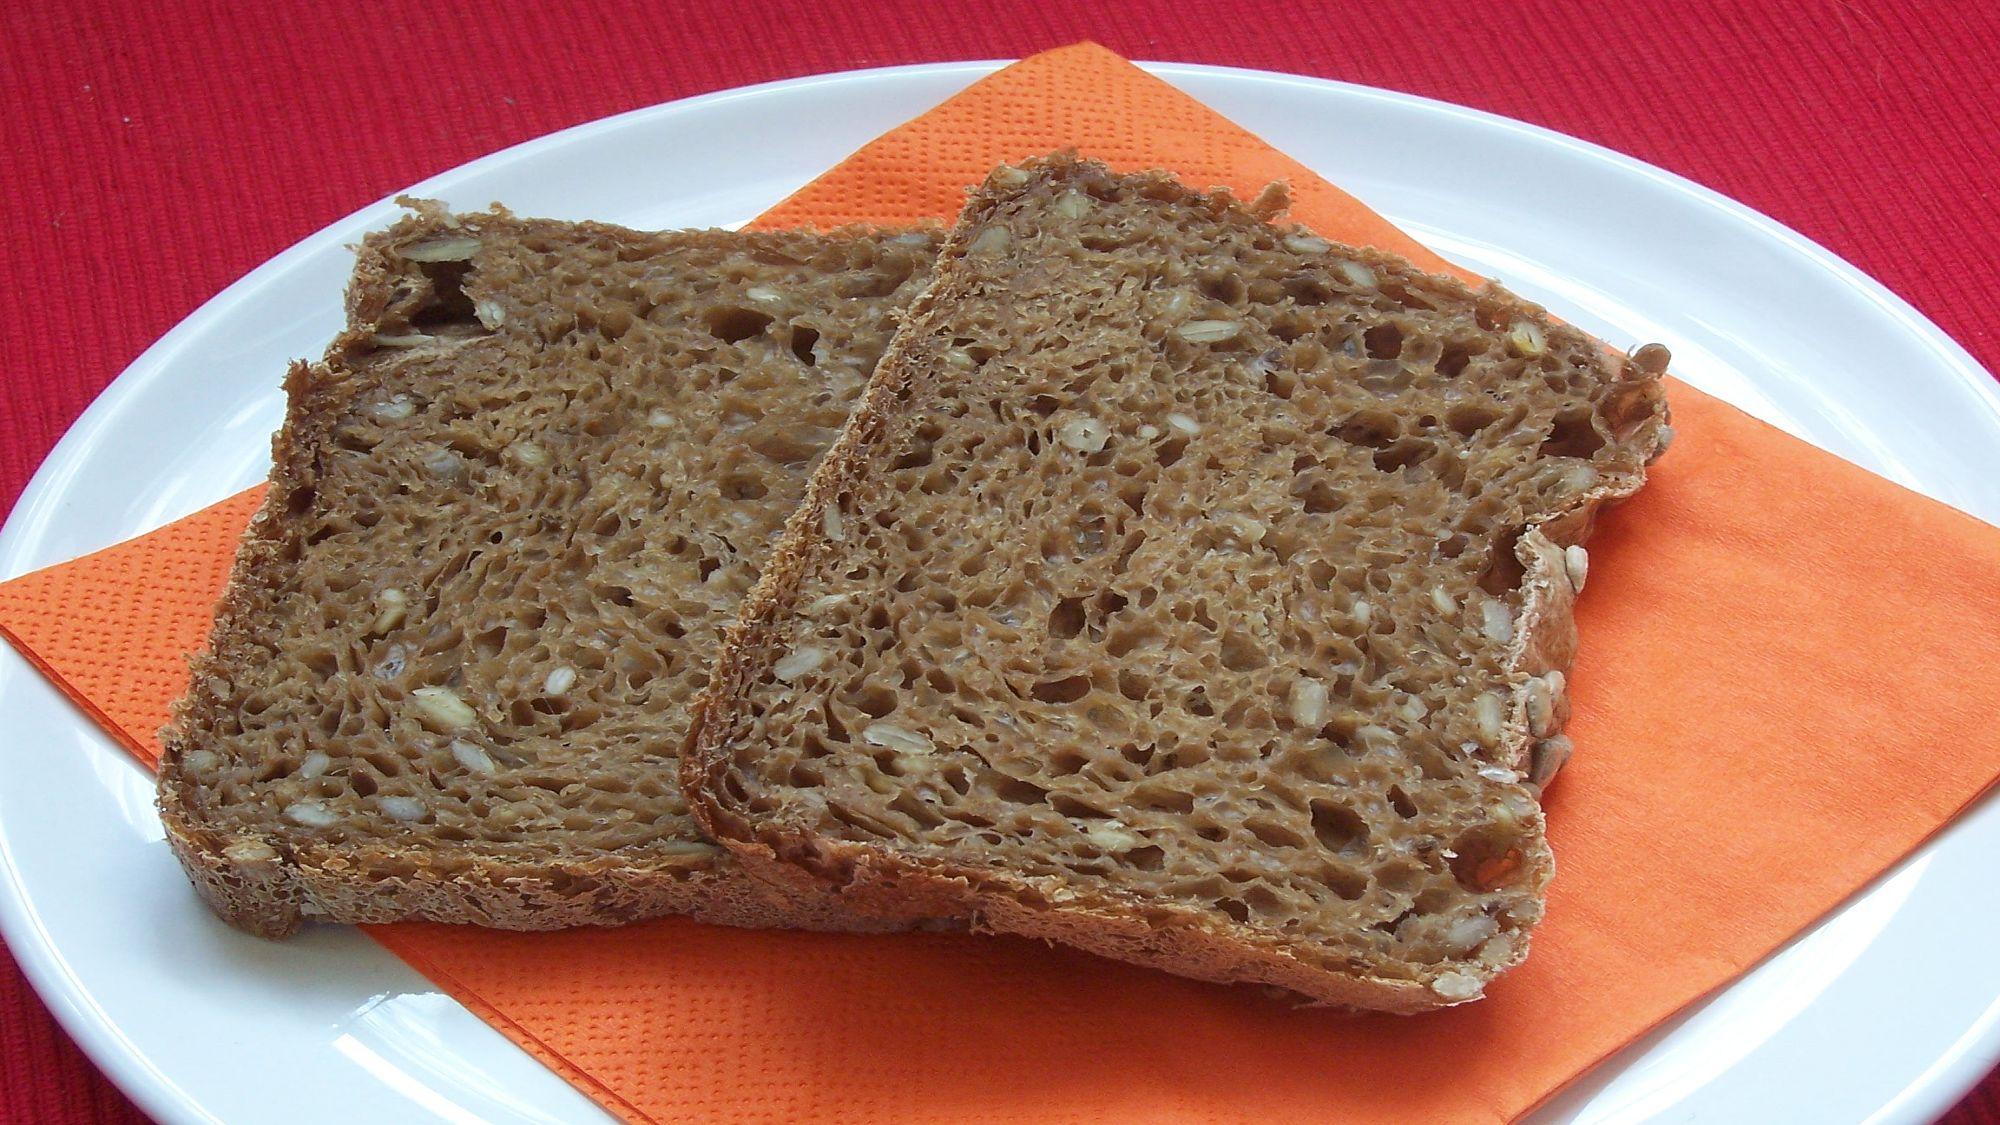 Slunečnicový chléb z domácí pekárny